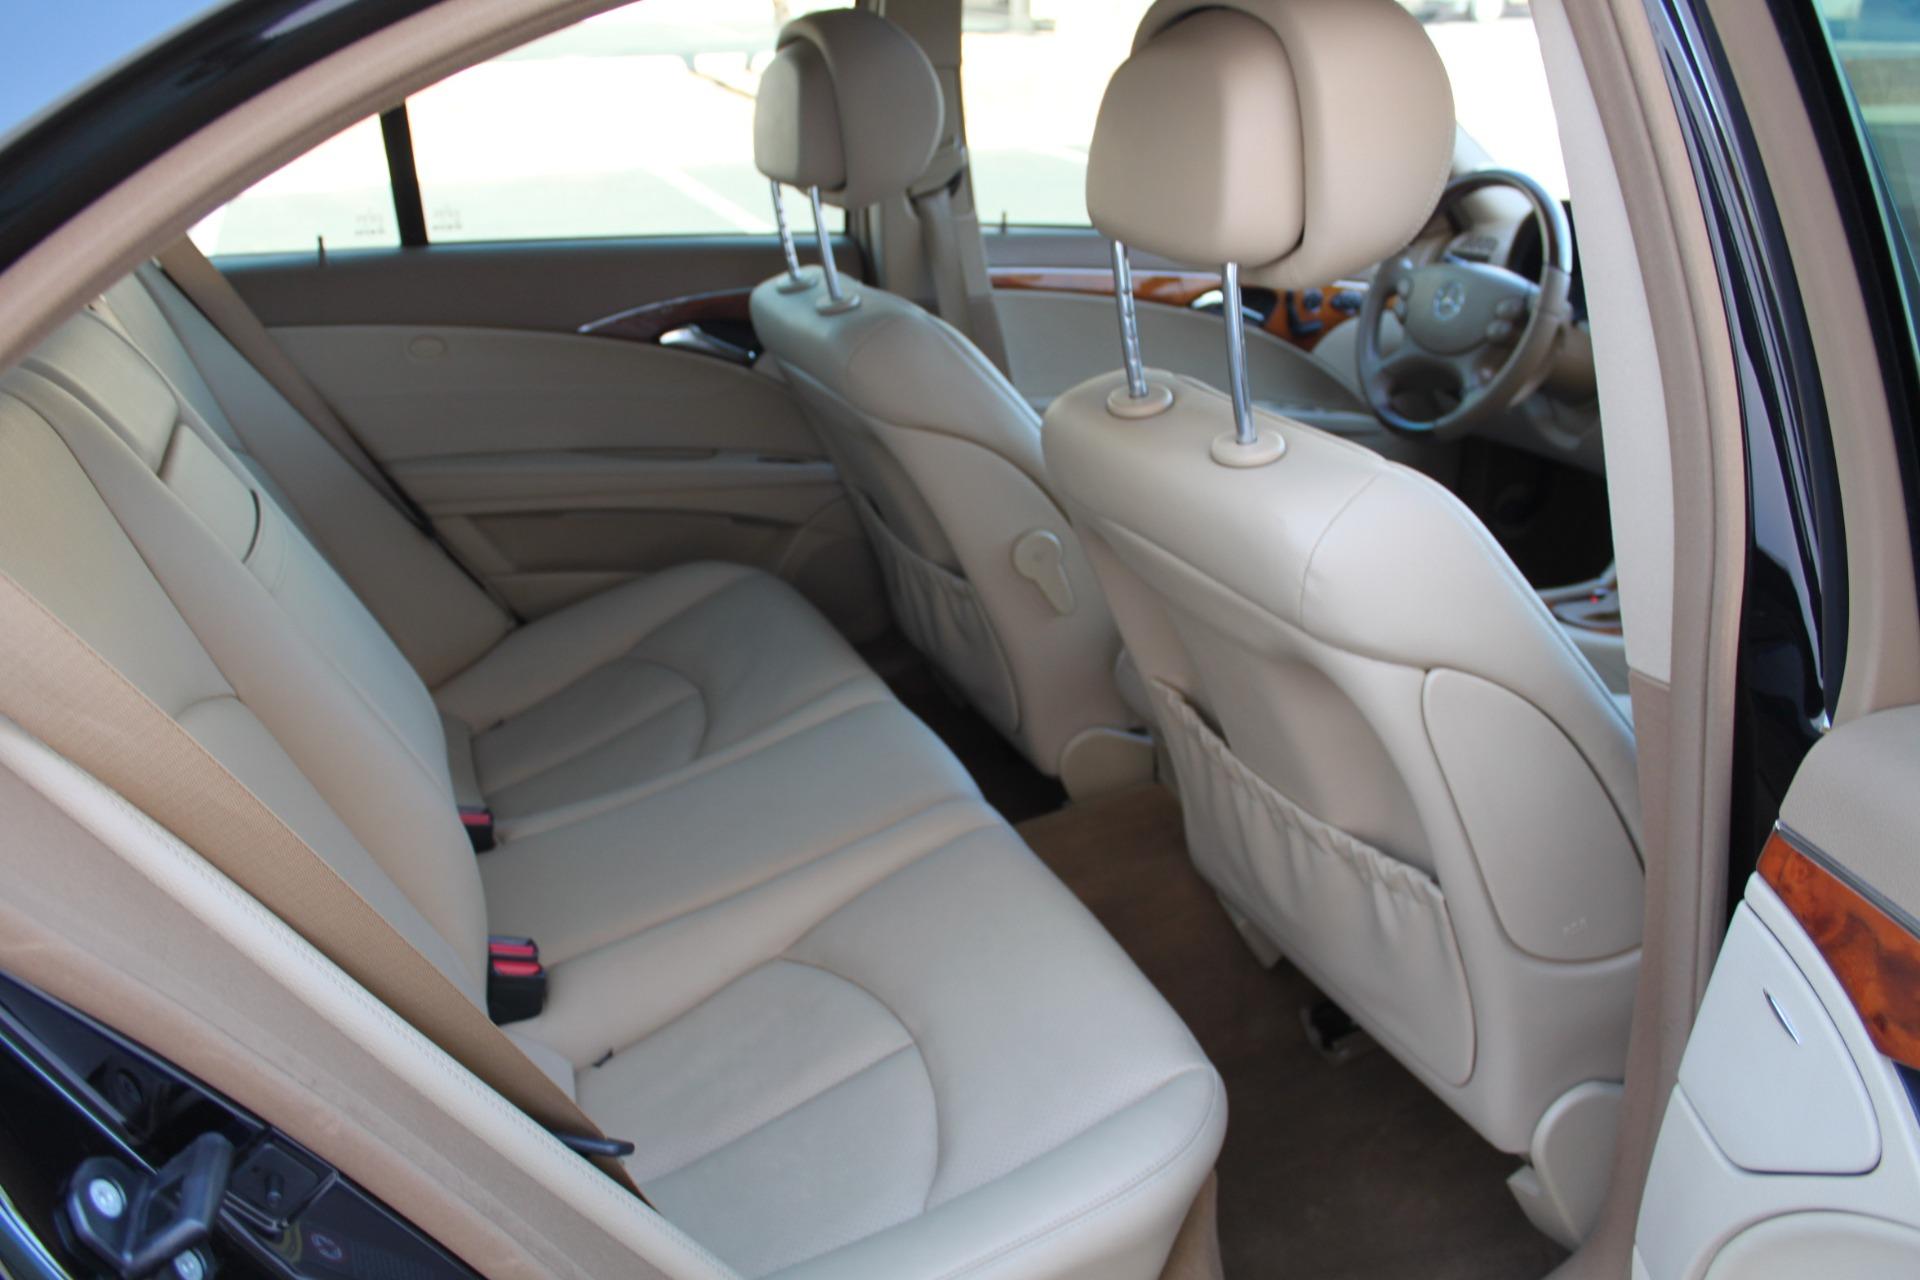 Used-2009-Mercedes-Benz-E-Class-E320-30L-BlueTEC-Chevelle